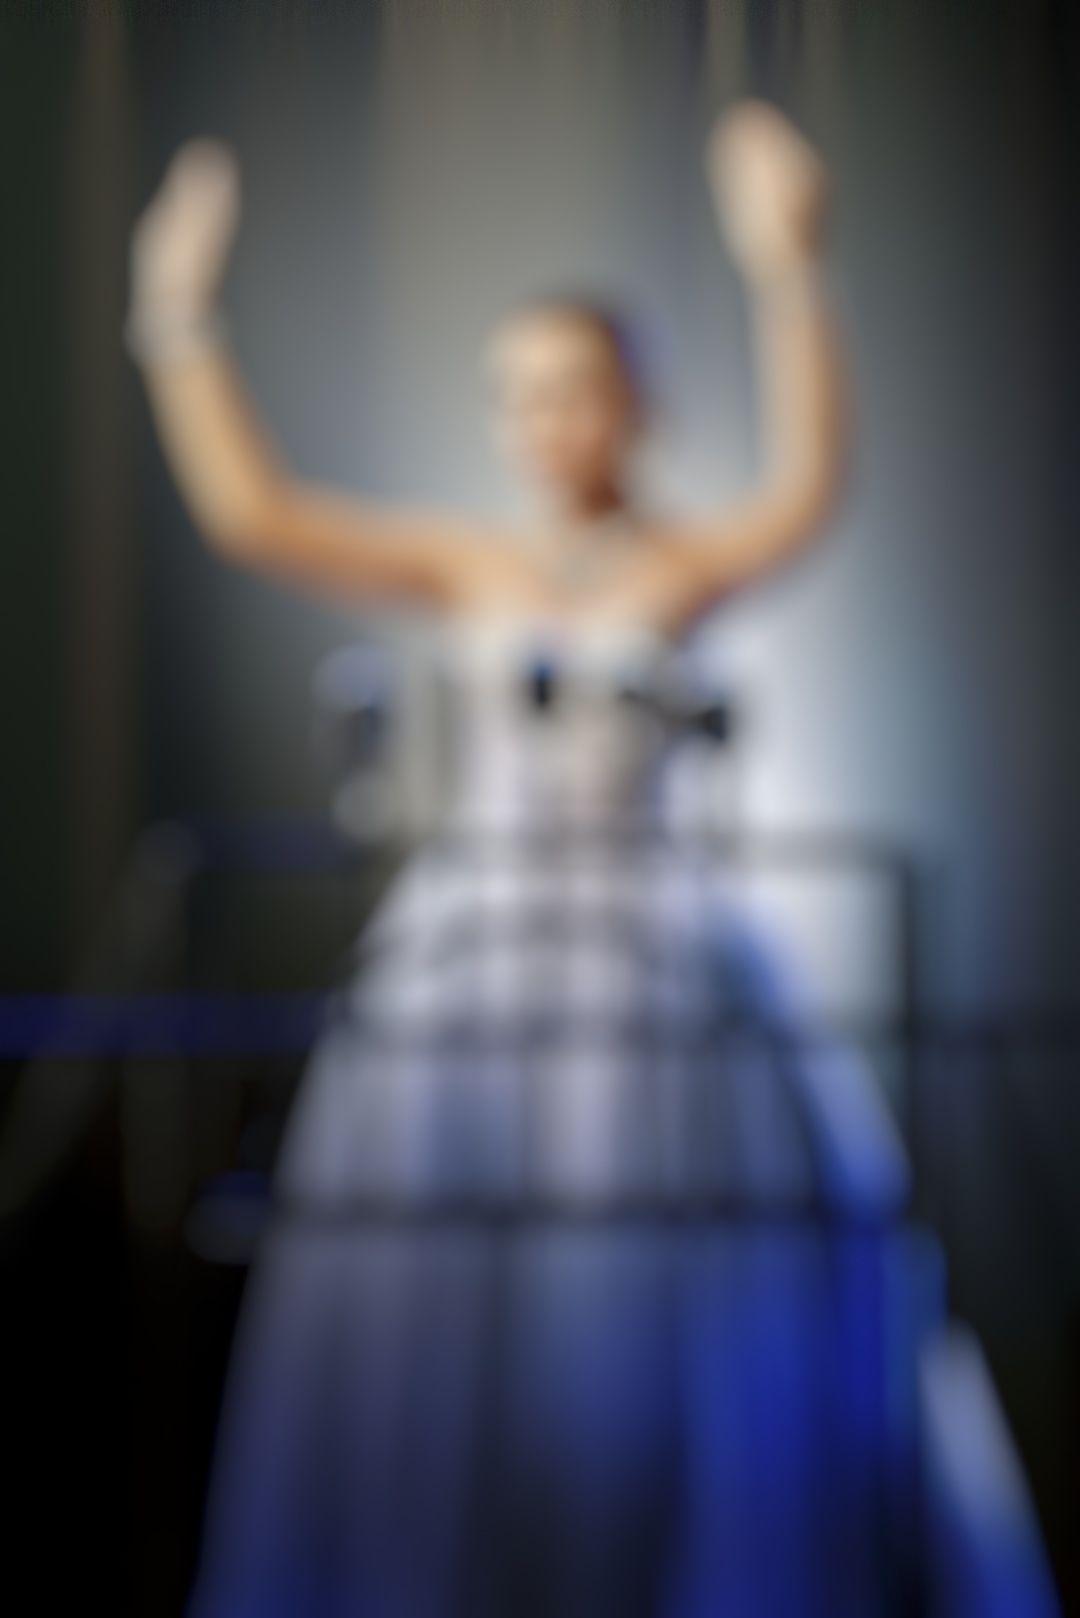 终于等到你|原版音乐剧《贝隆夫人》2019中国巡演卡司来啦!